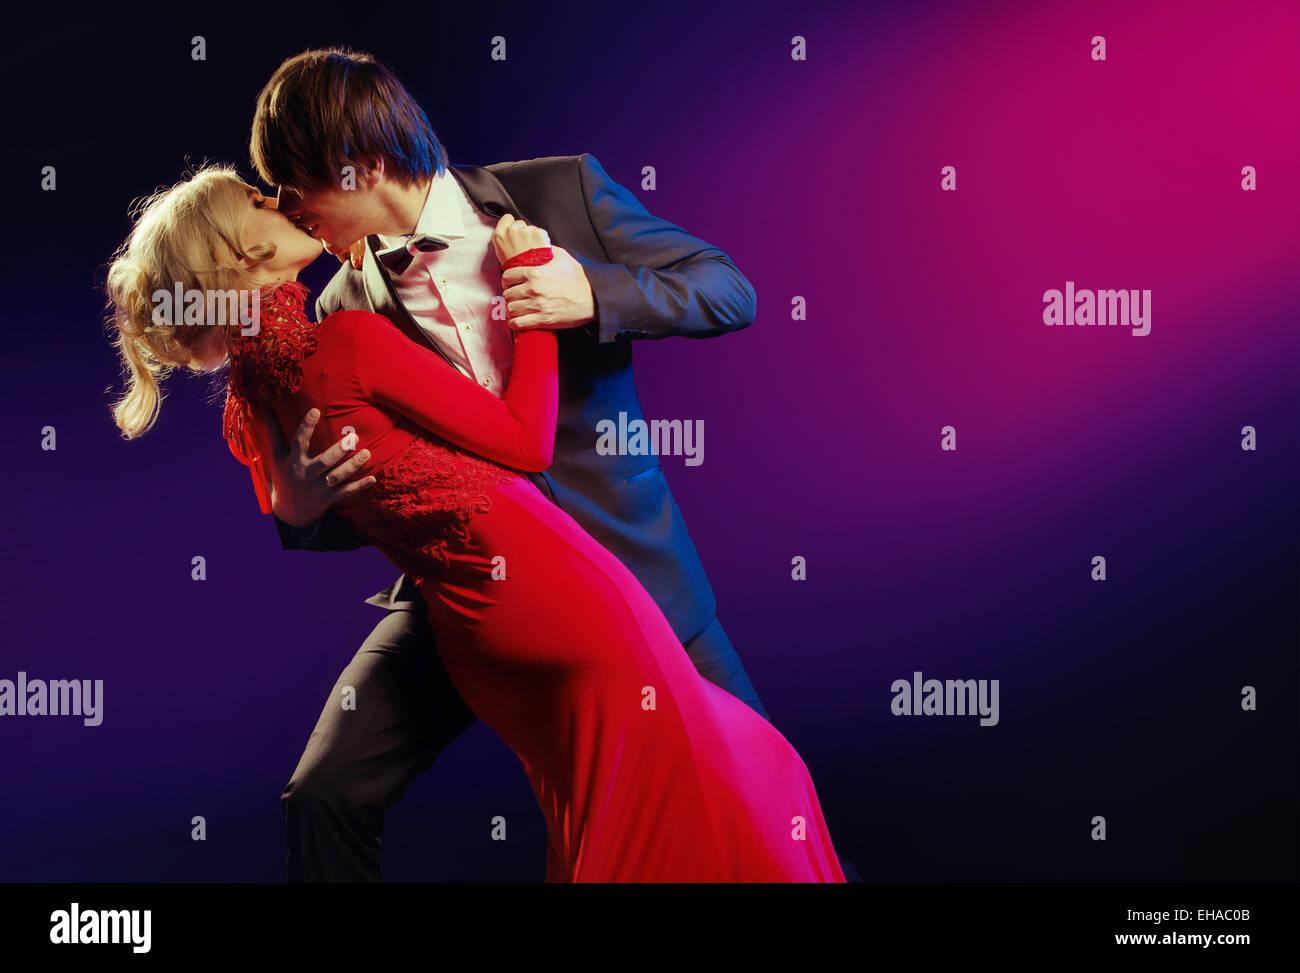 Elegante coppia giovane nella danza d'amore Immagini Stock